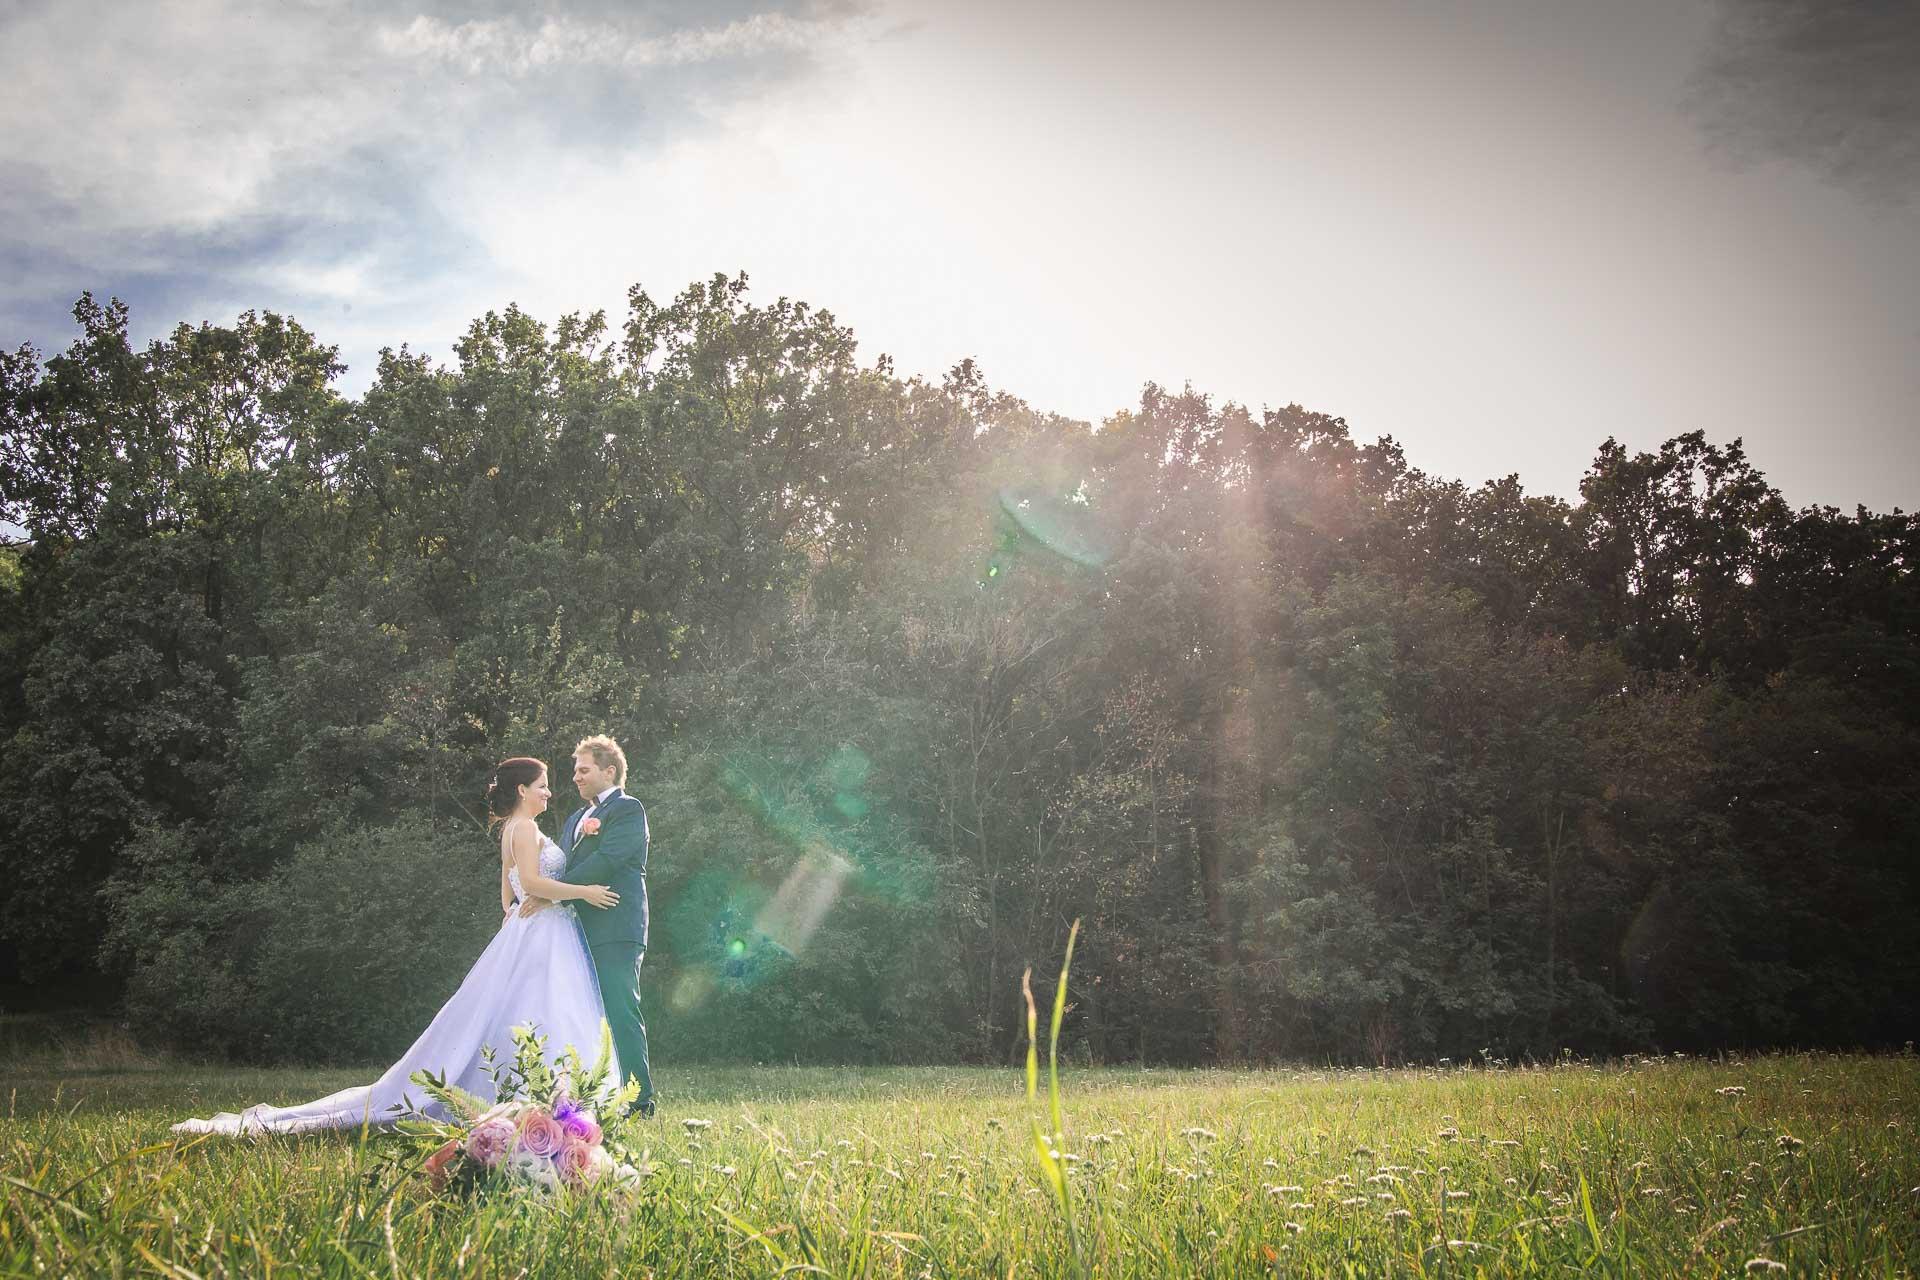 svatební-fotografie-Říp-svatební-video-ŘÍP-svatební-fotograf-ŘÍP-svatba-Mělník-svatba-Neratovice-fotograf-na-savtbu-kameraman-na-svatbu-320